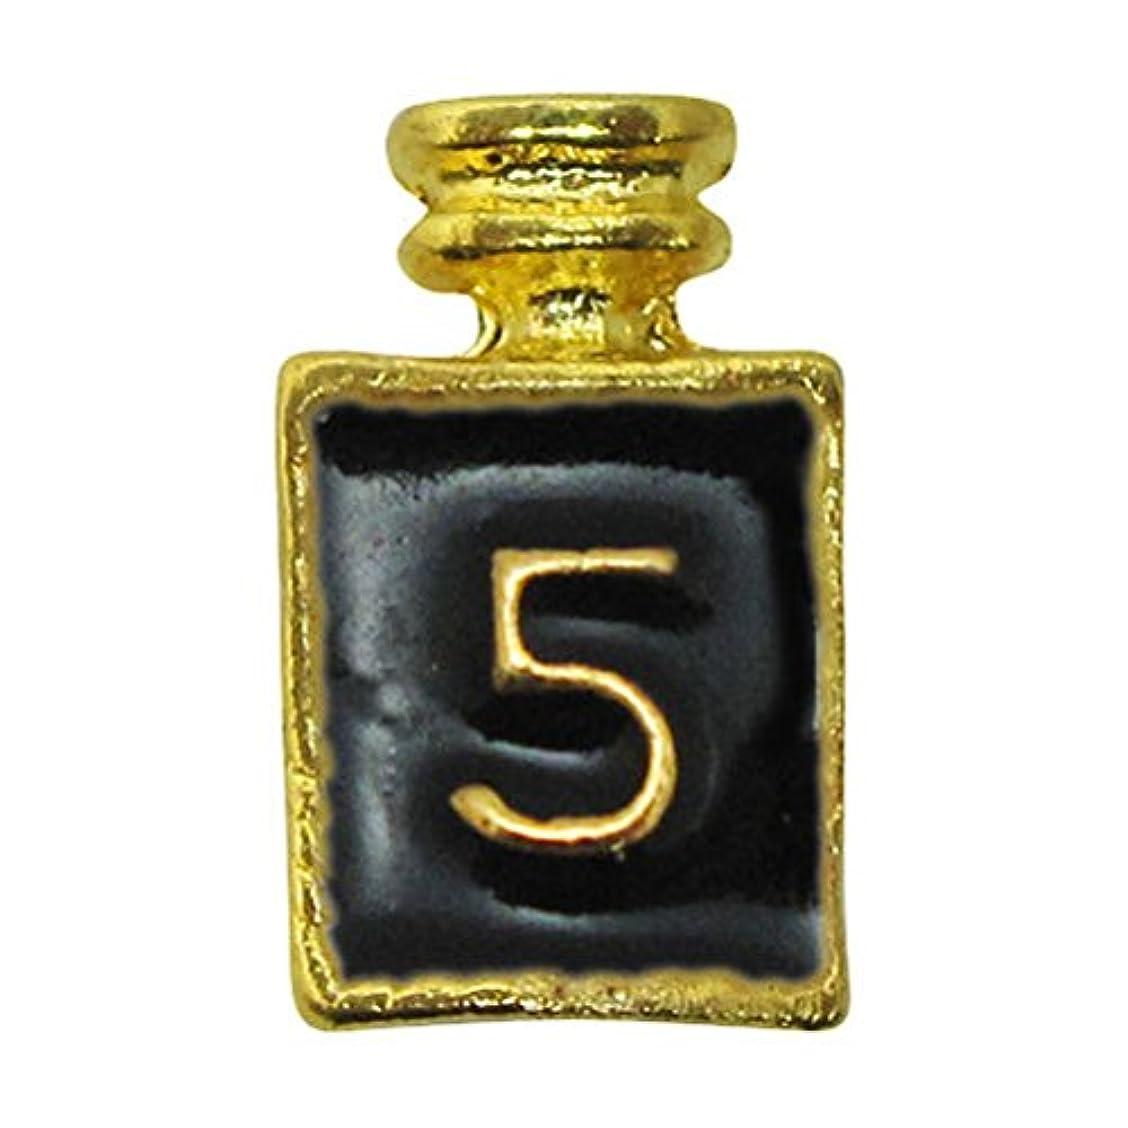 入学する提供された威信サンシャインベビー ジェルネイル コロン No.5 ブラック 2P